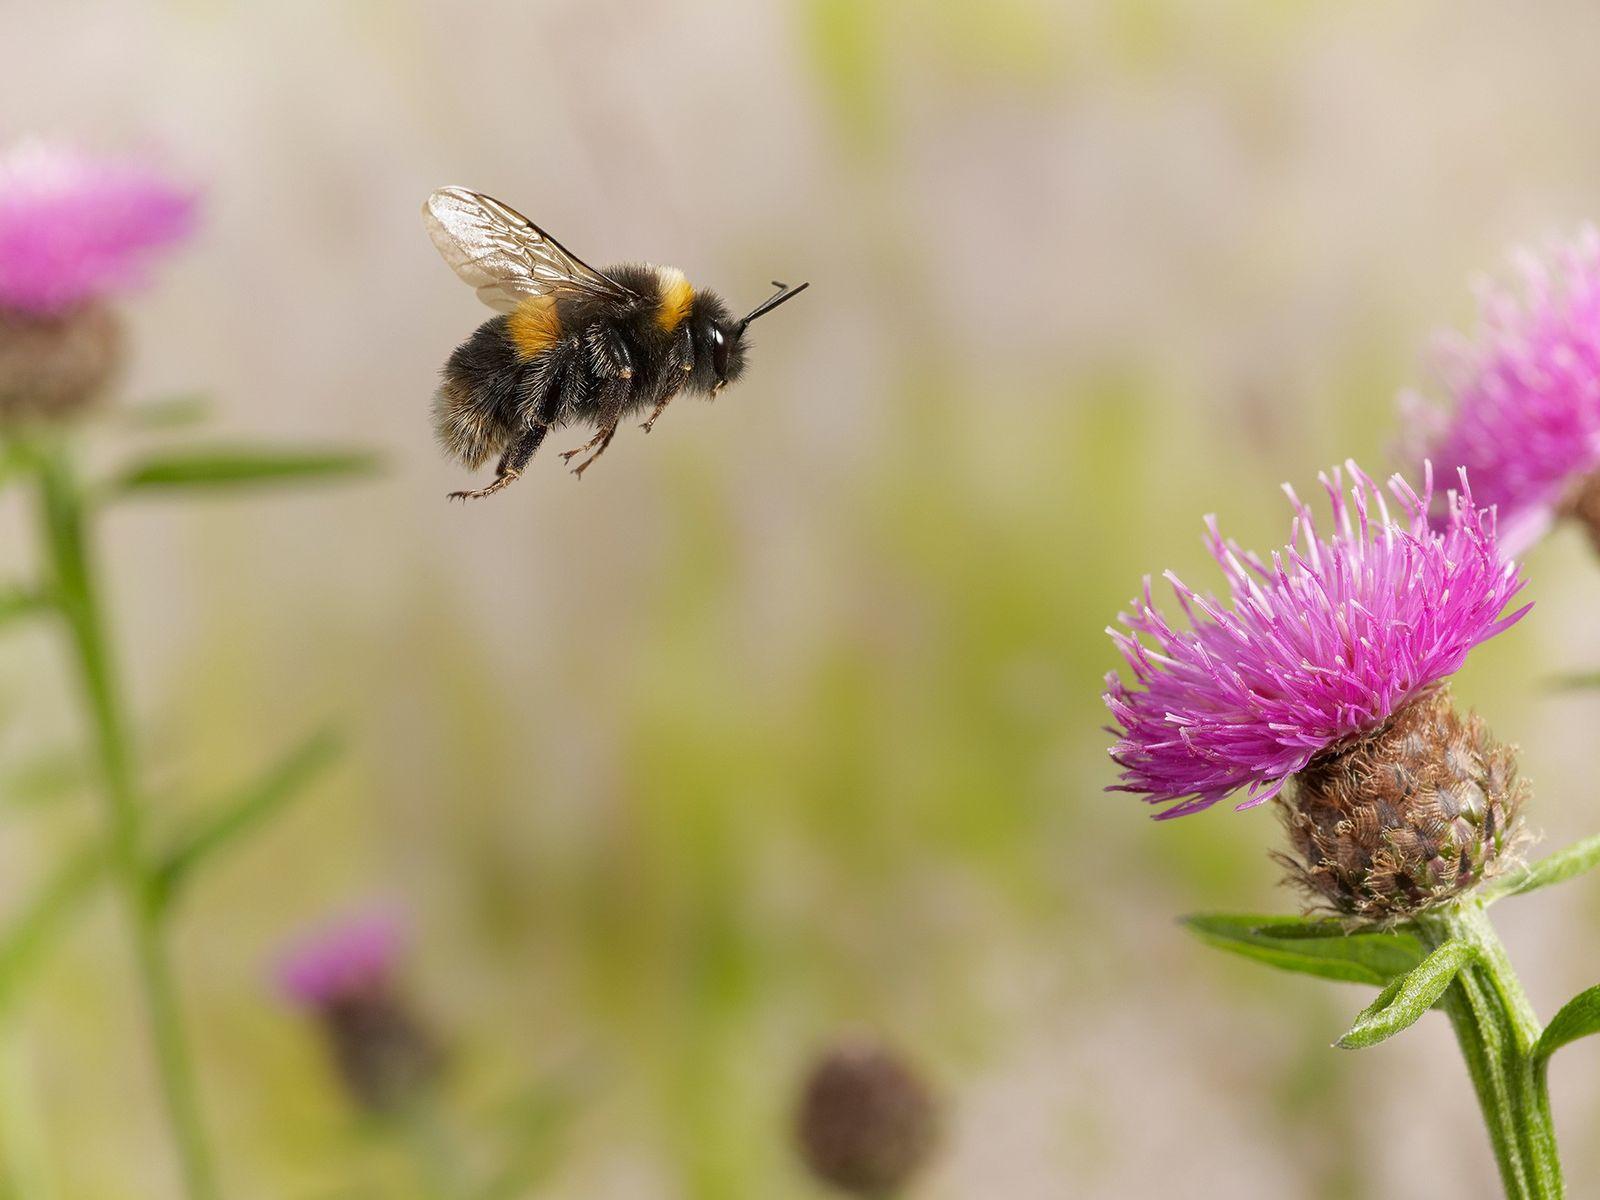 Un bourdon terrestre vole parmi les fleurs en Angleterre. De nombreuses espèces de bourdons sont en déclin ...